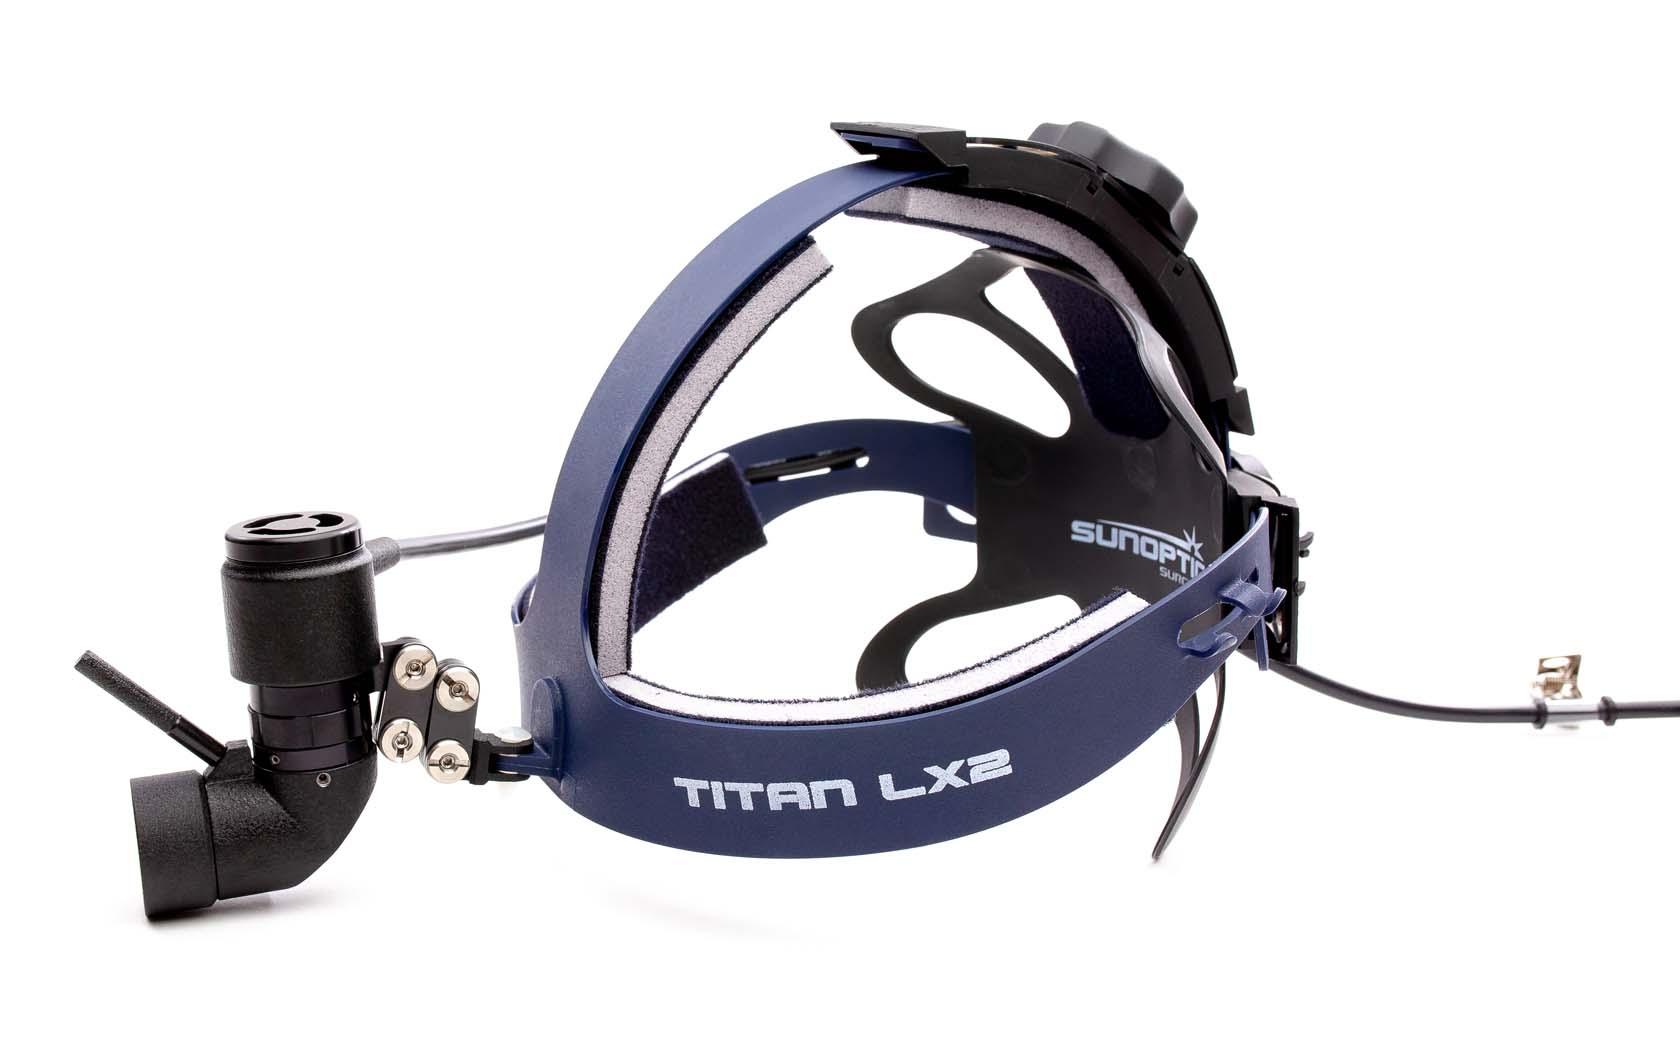 TITAN LX2